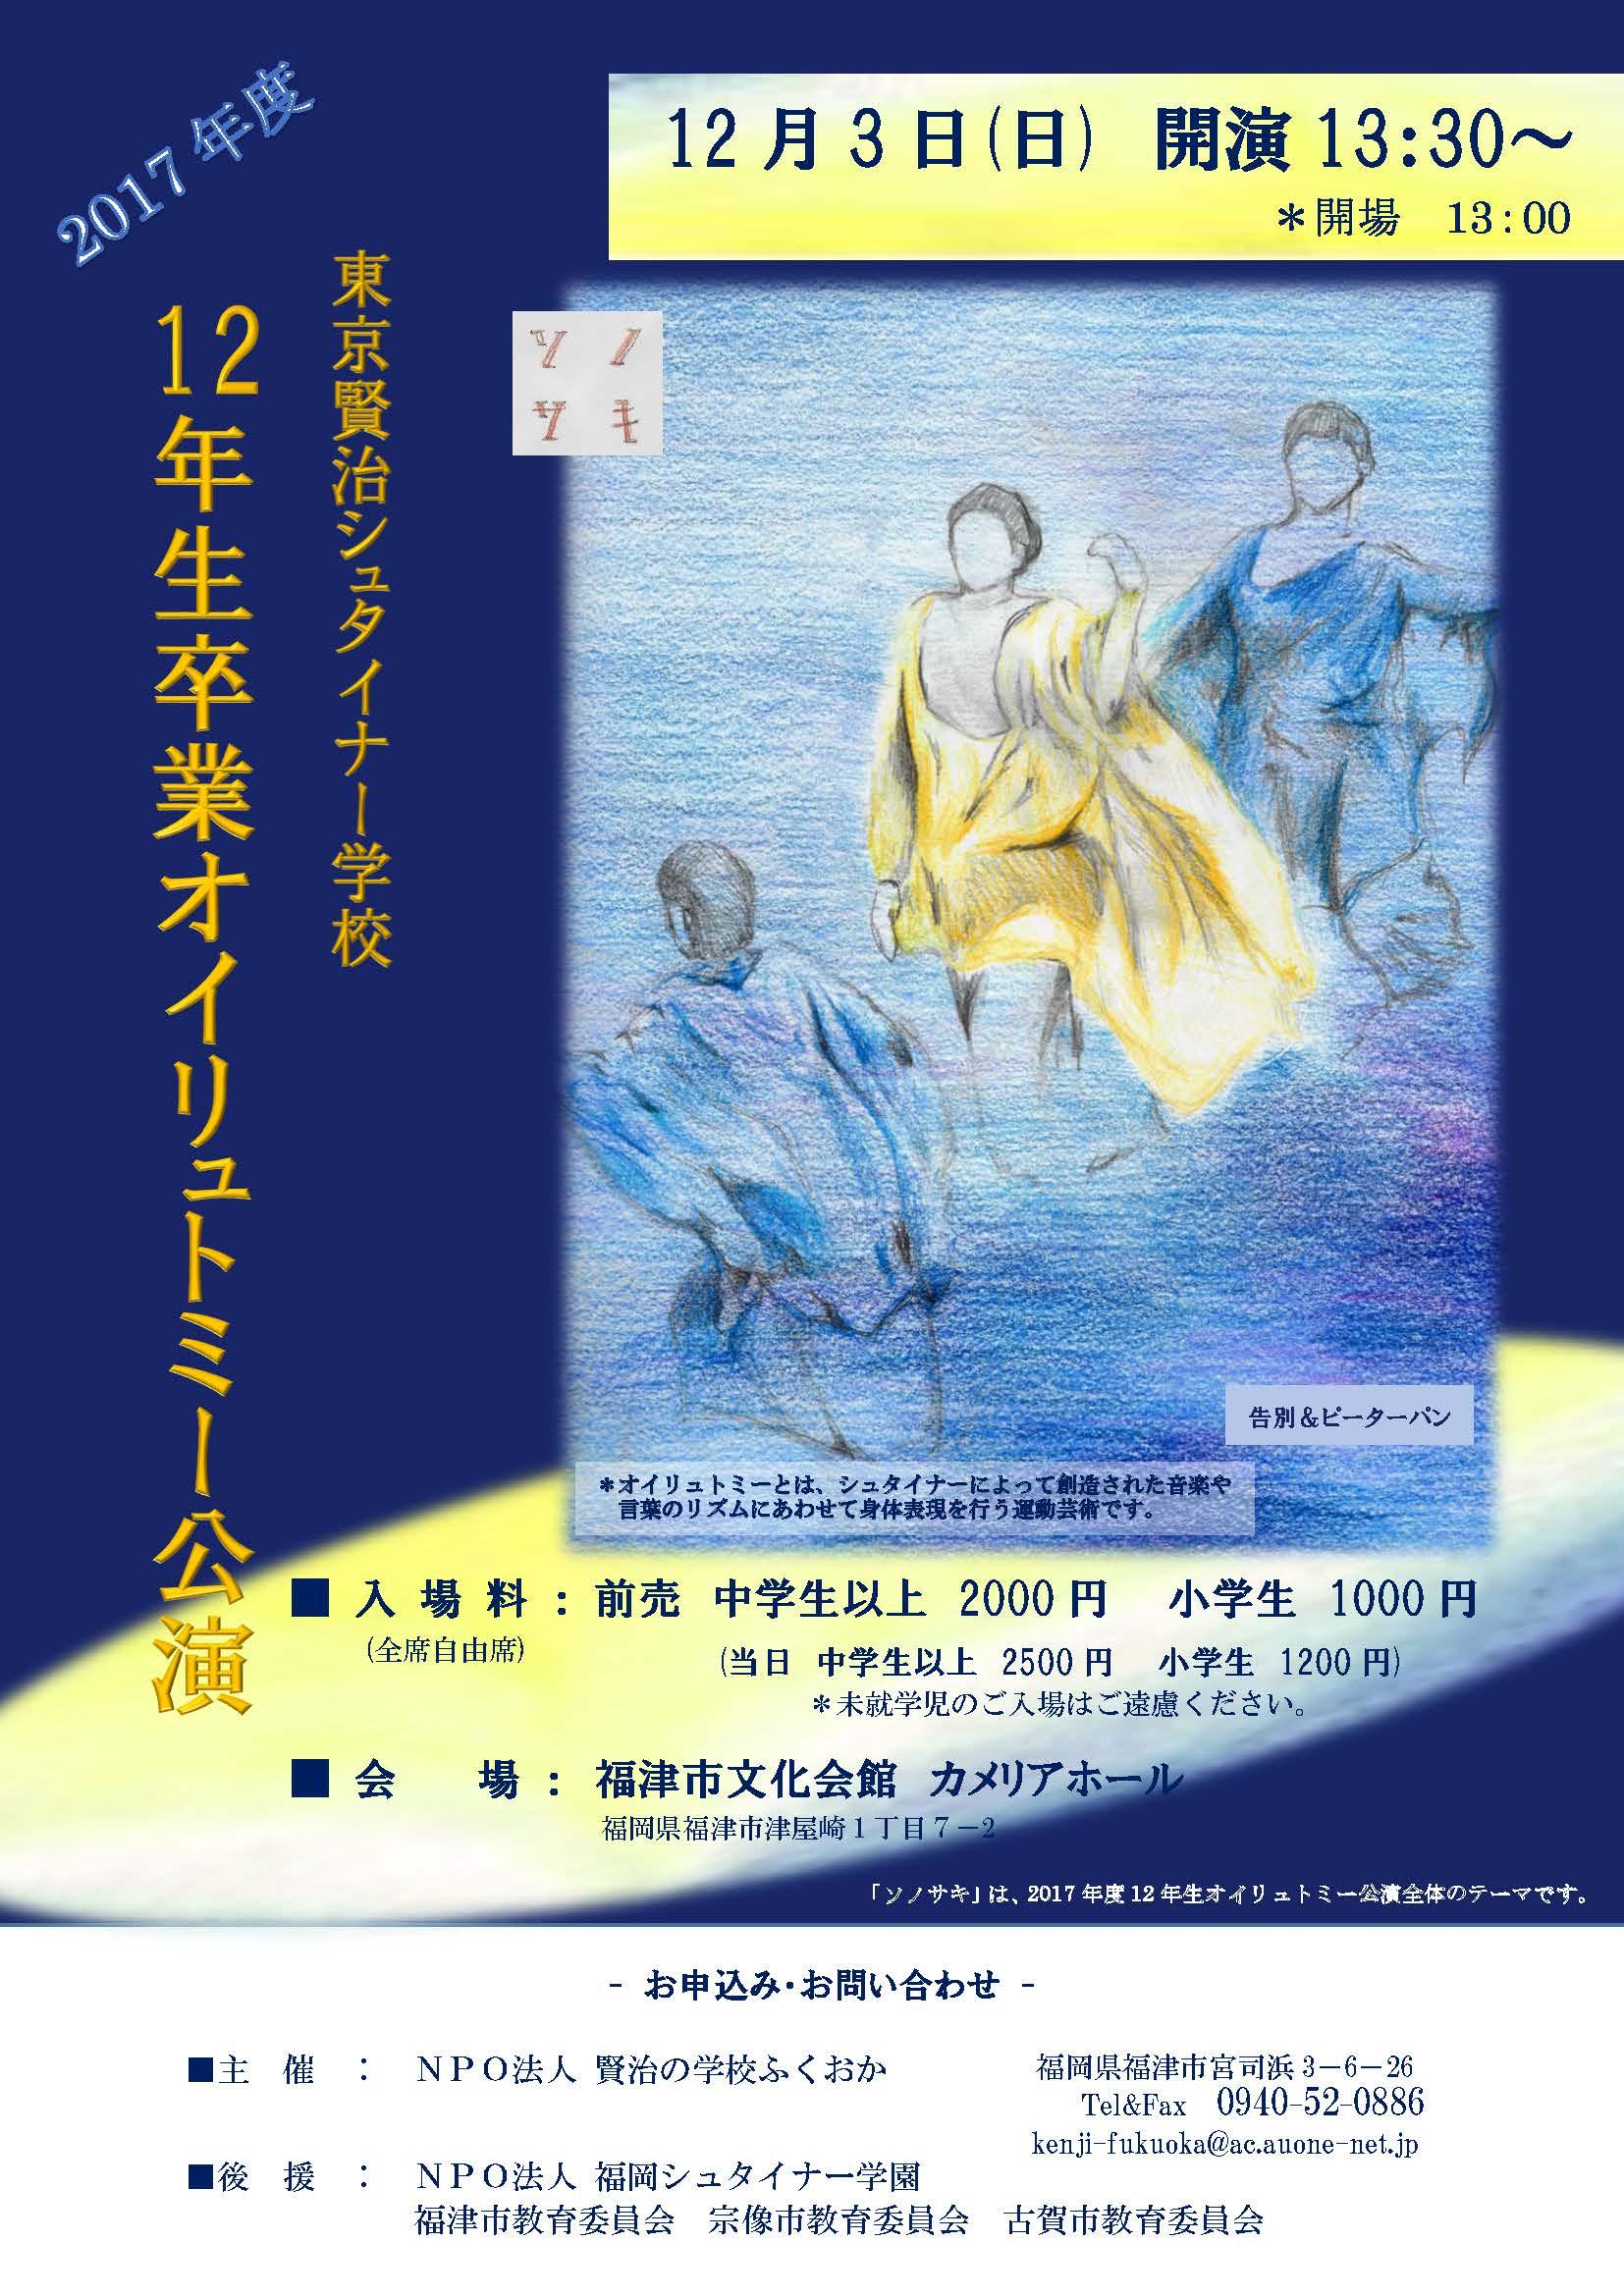 東京賢二シュタイナー学校 12年生卒業オイリュトミー公演